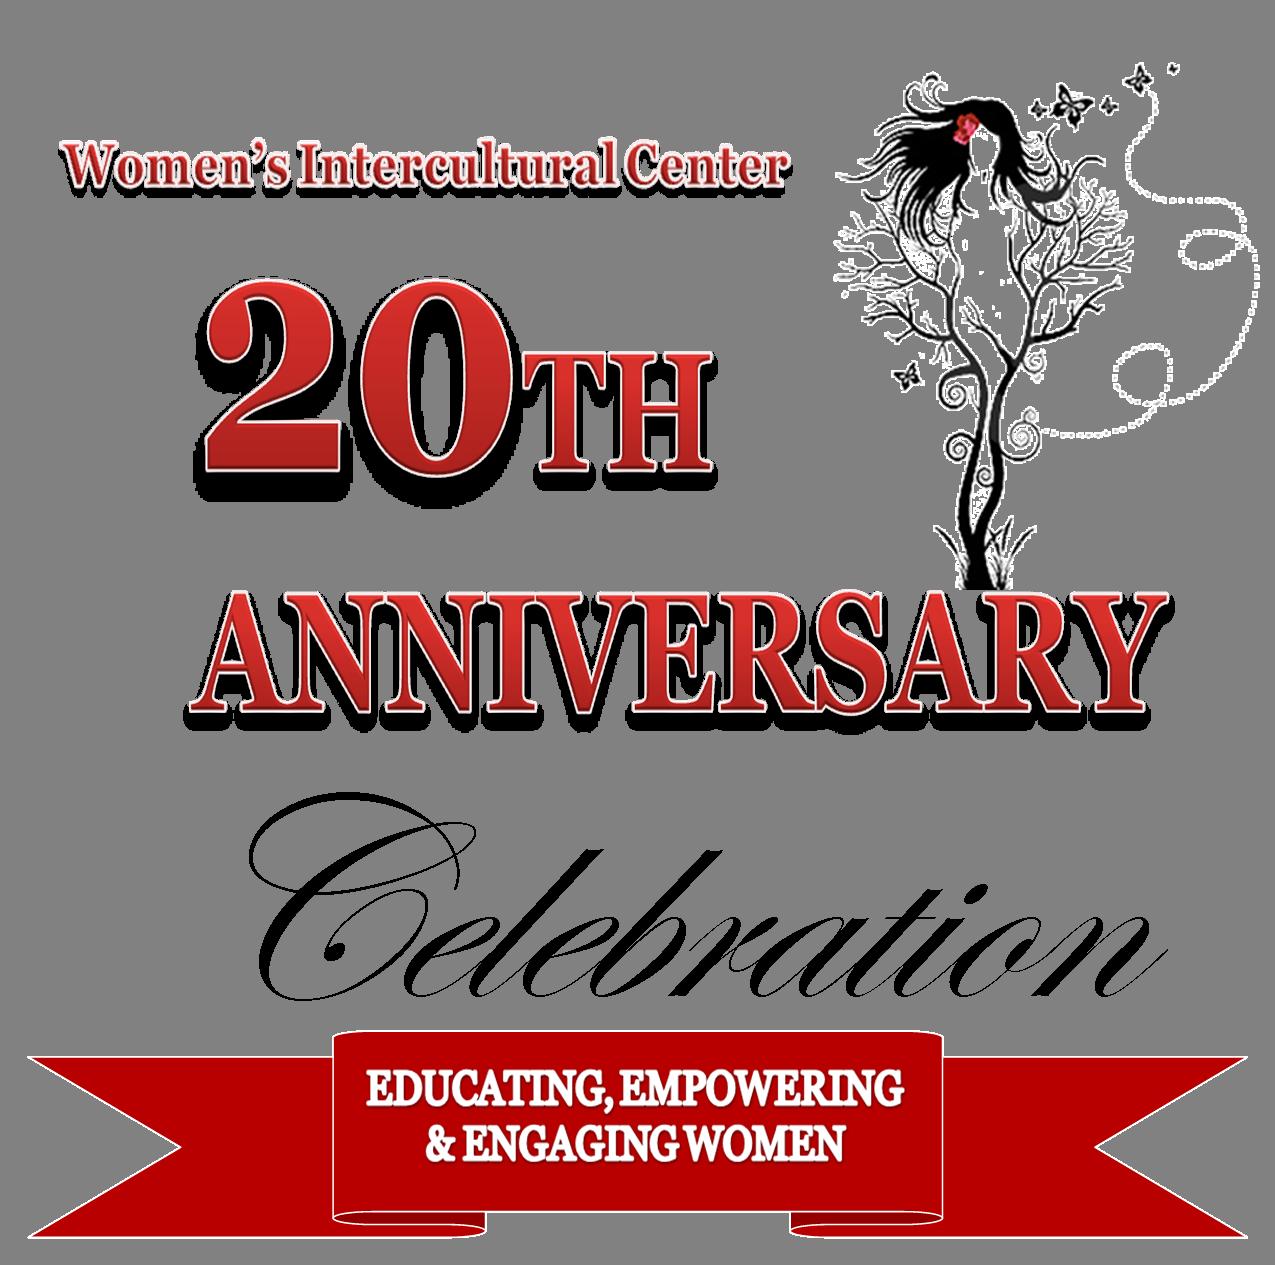 Winc 39 S 20th Anniversary Celebration Tickets Fri Nov 15 2013 At 12 00 Pm Eventbrite